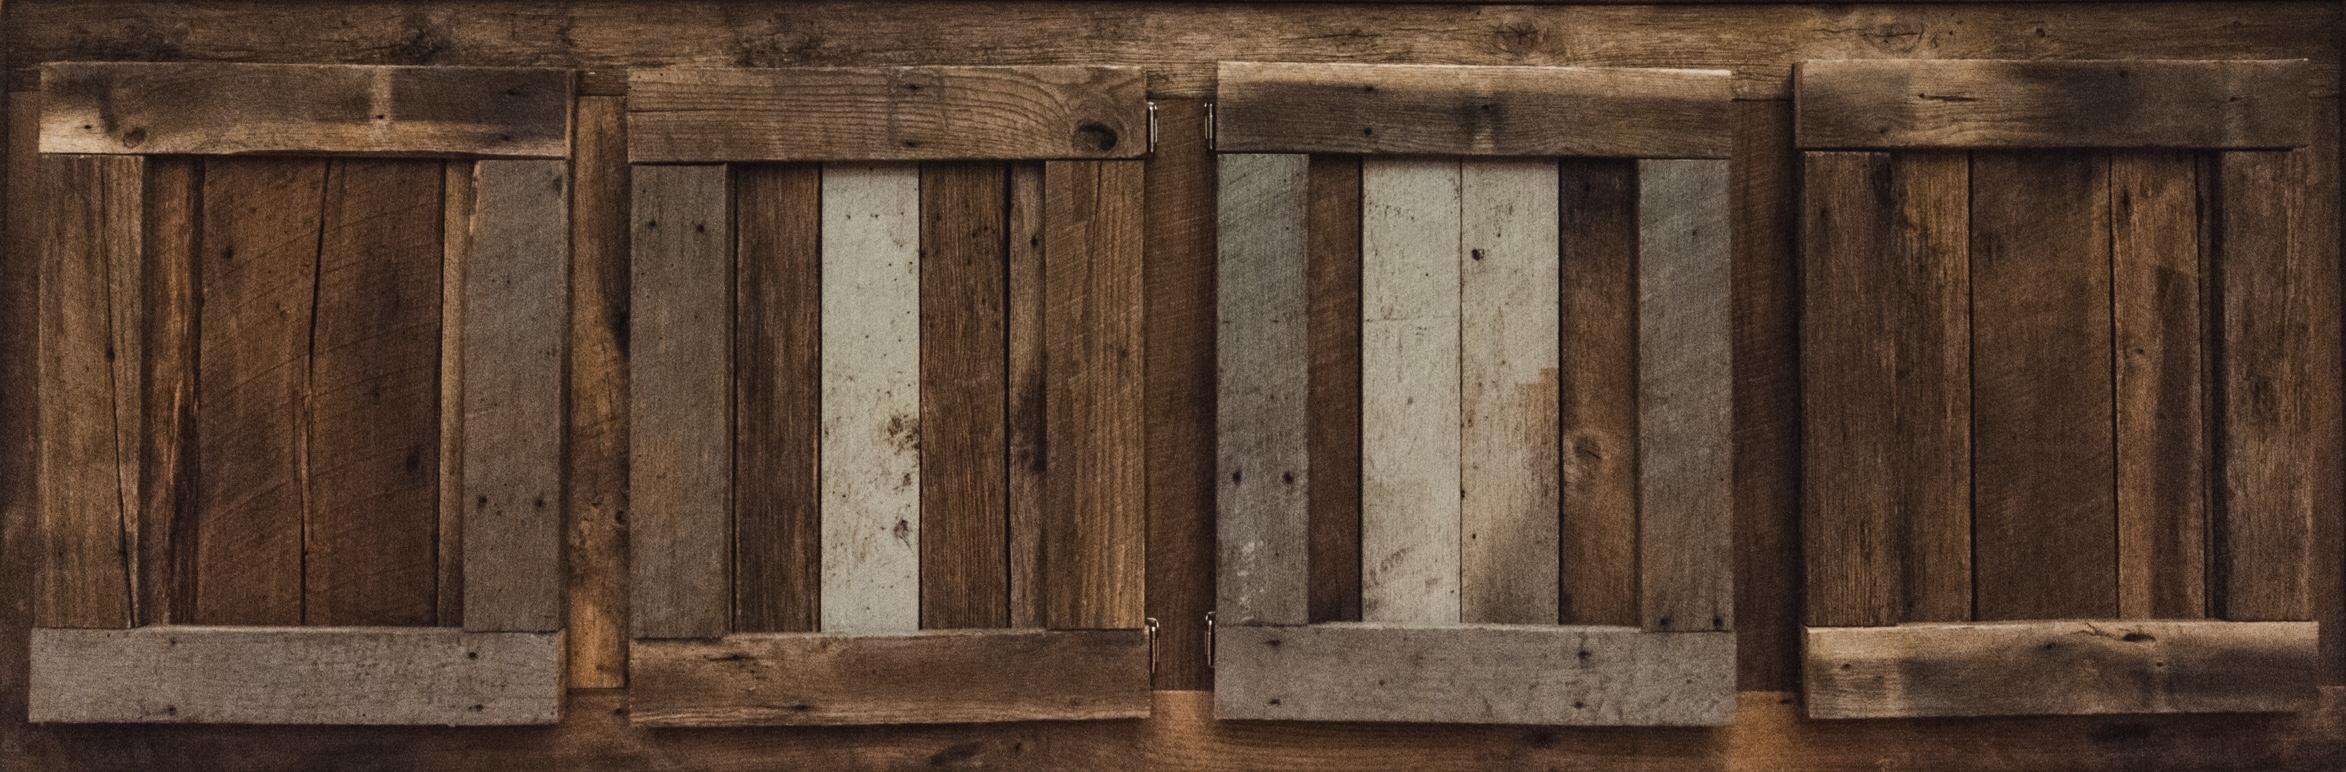 Rustic Indiana Built in Cabinet door closeup.jpg